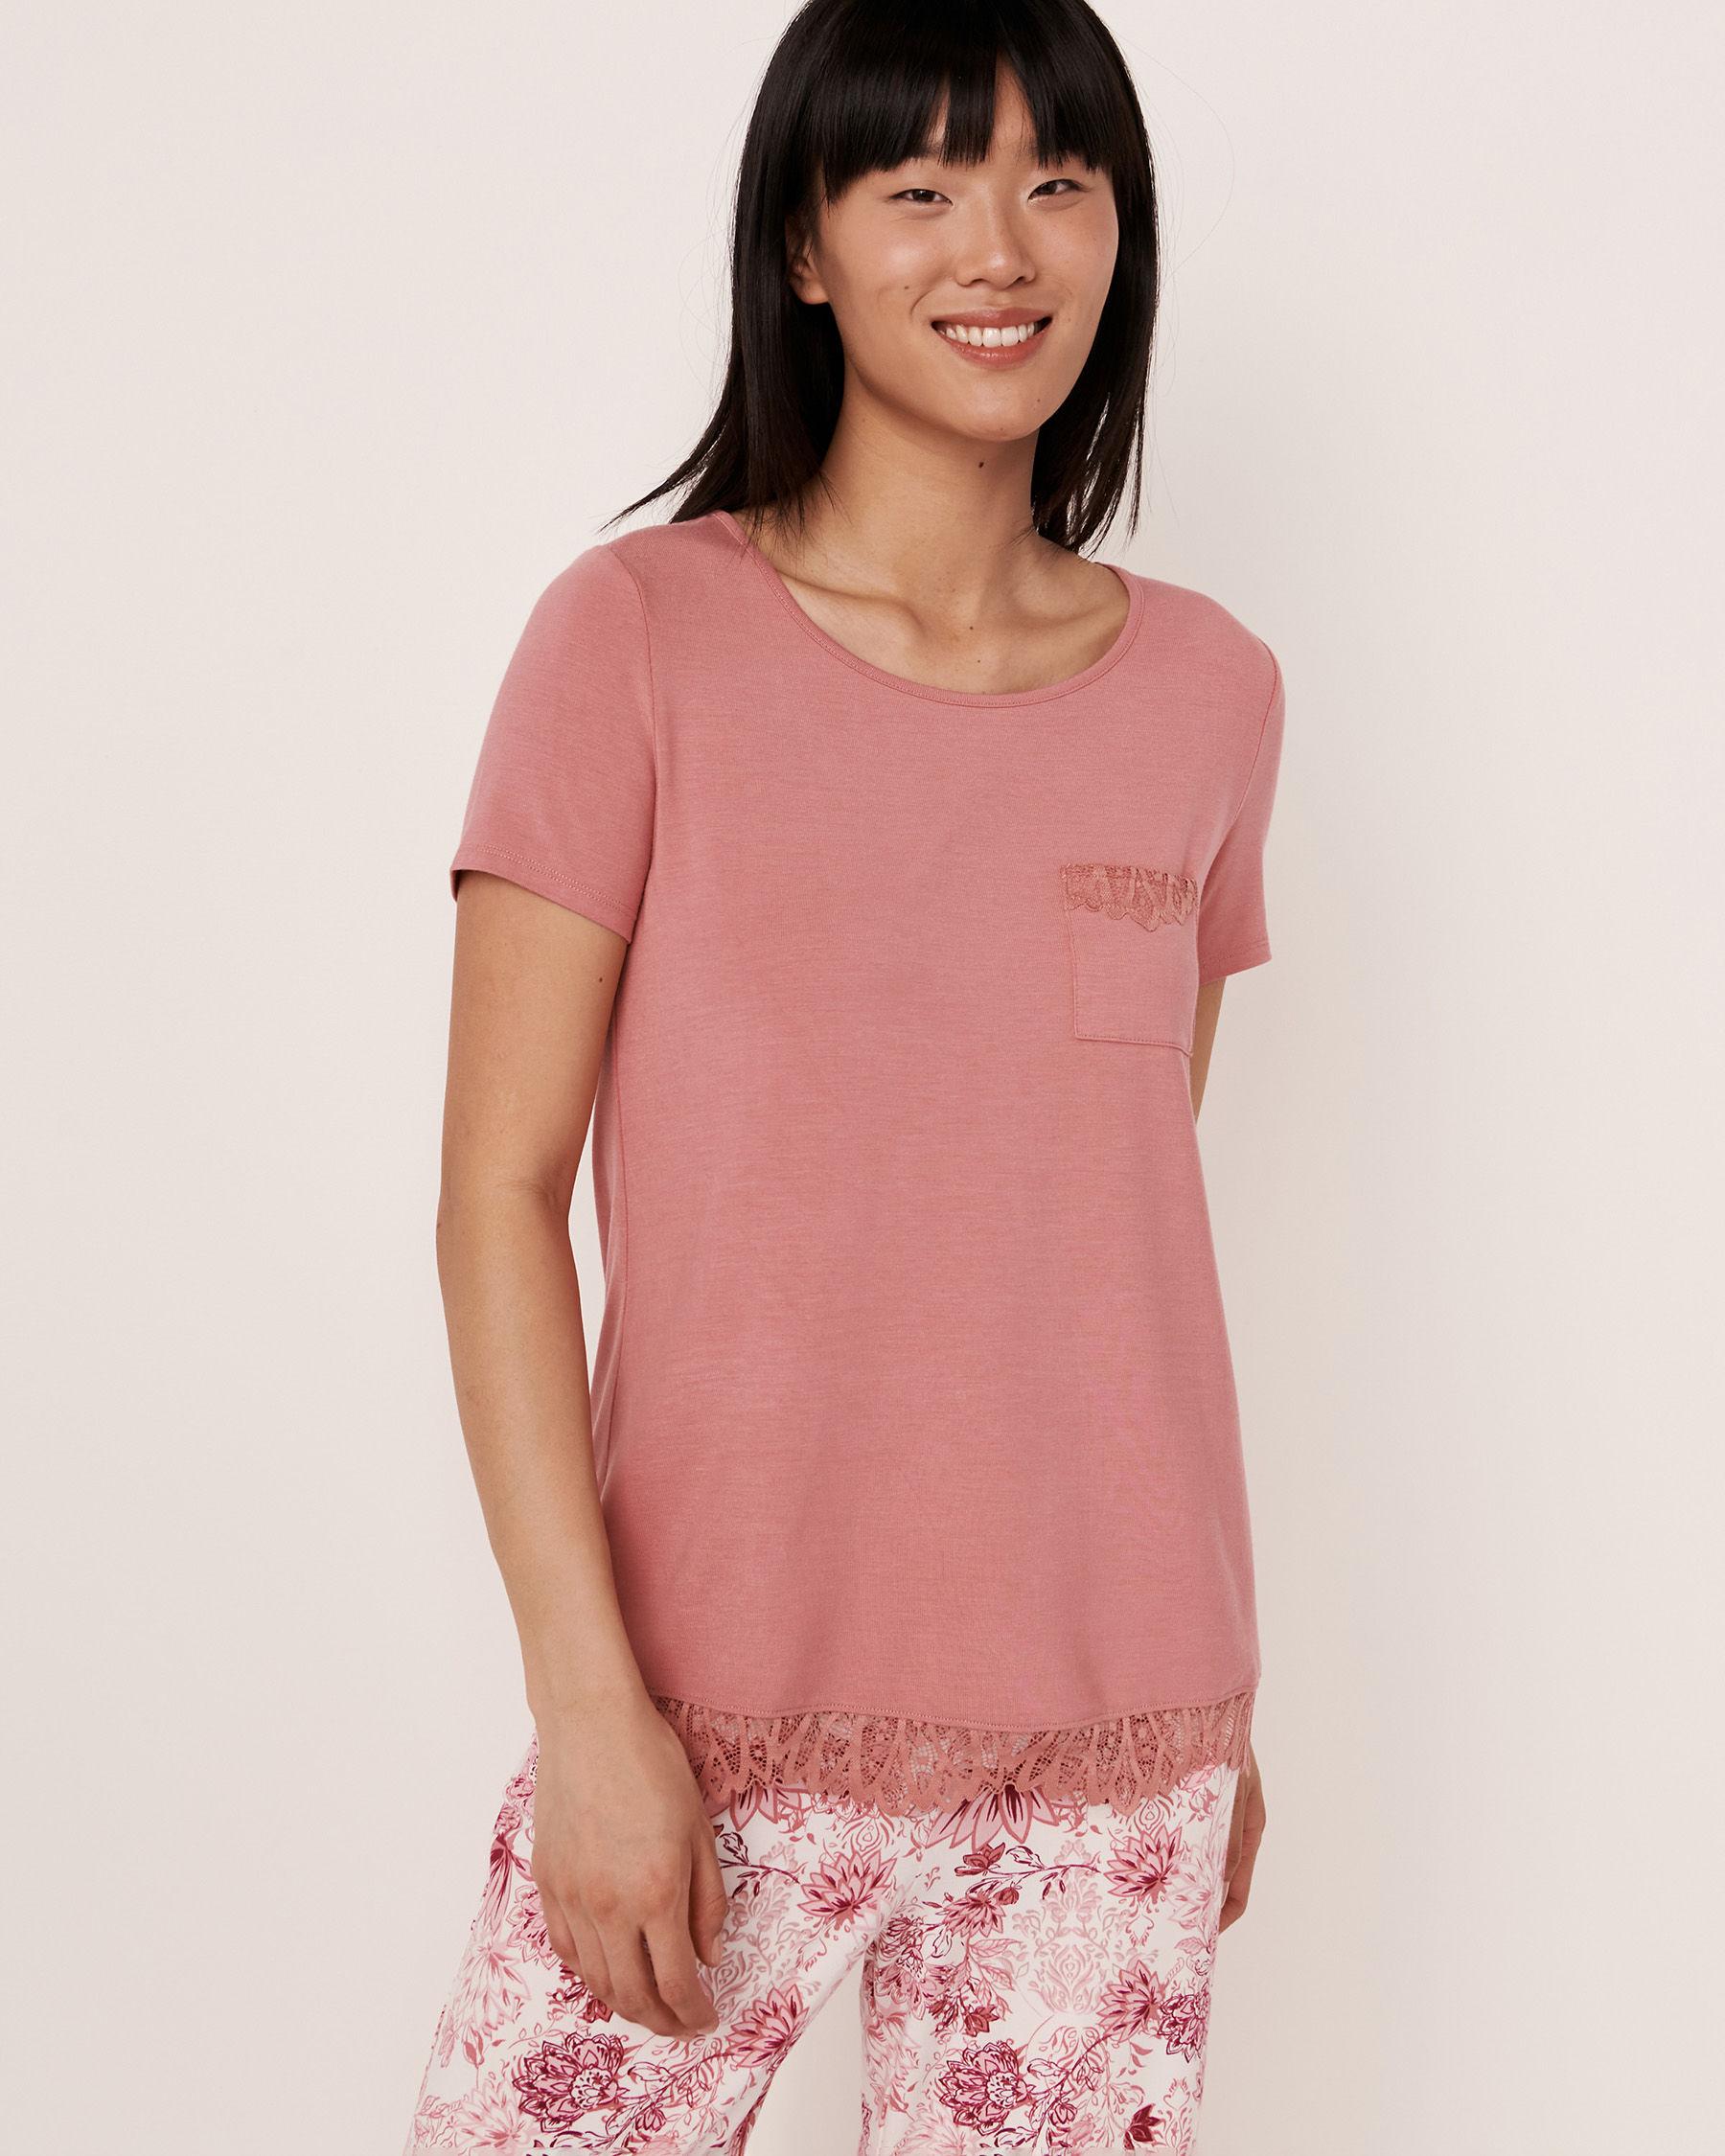 LA VIE EN ROSE Chandail manches courtes garniture de dentelle en modal Vieux rose 40100081 - Voir1